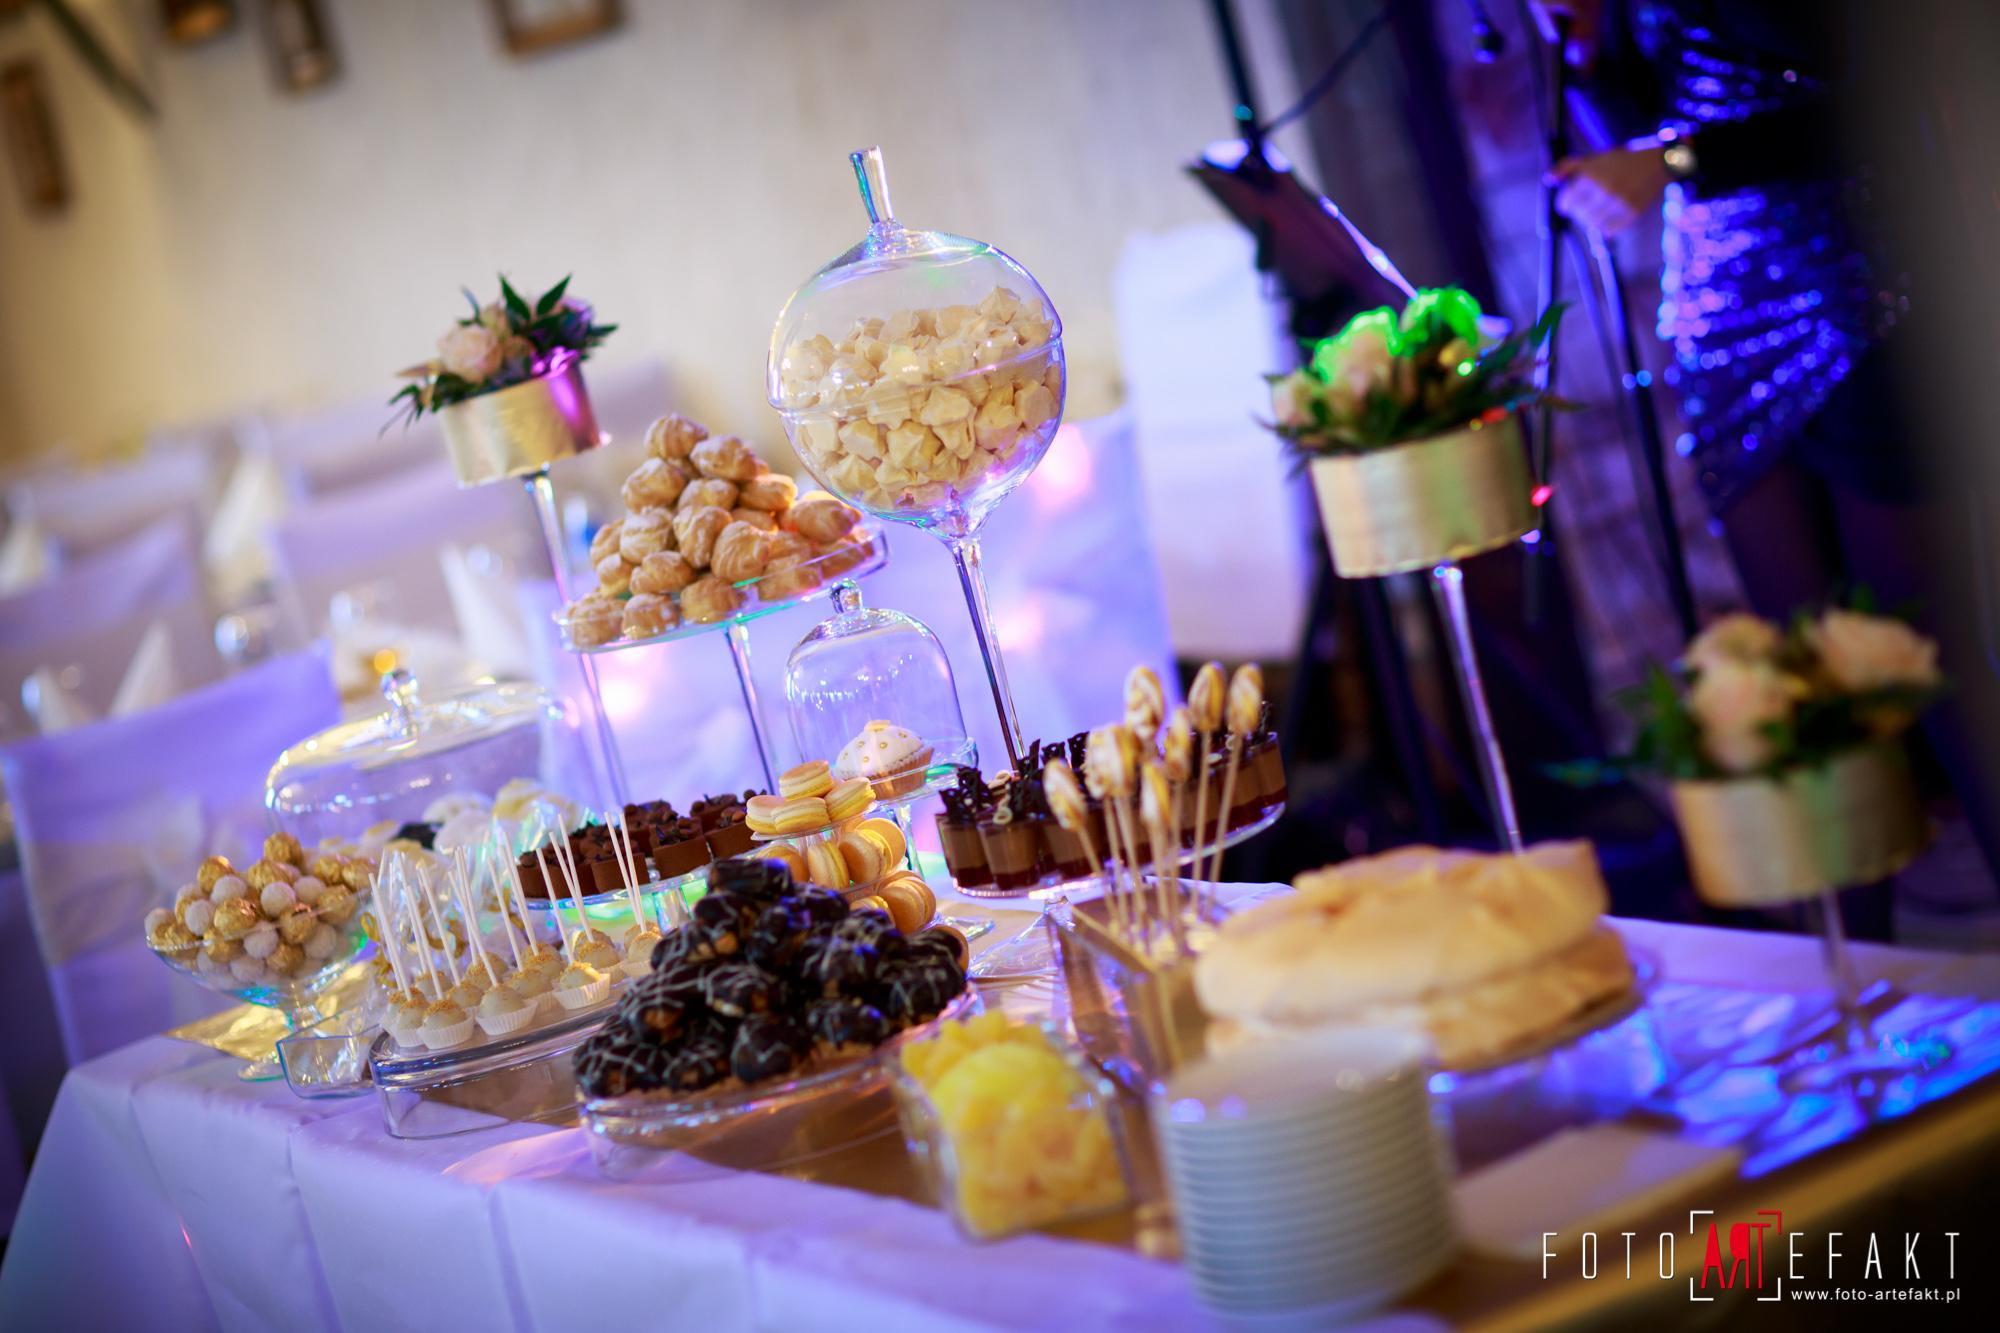 Słodki Kącik złoto, słodki stół, słodki bufet, candy bar, tort weselny, ciasto wesele, ślub, pavlova, ciasteczka, słodycze, lizaki, buteleczki, cakepop, cupcake,  rafaello (8)